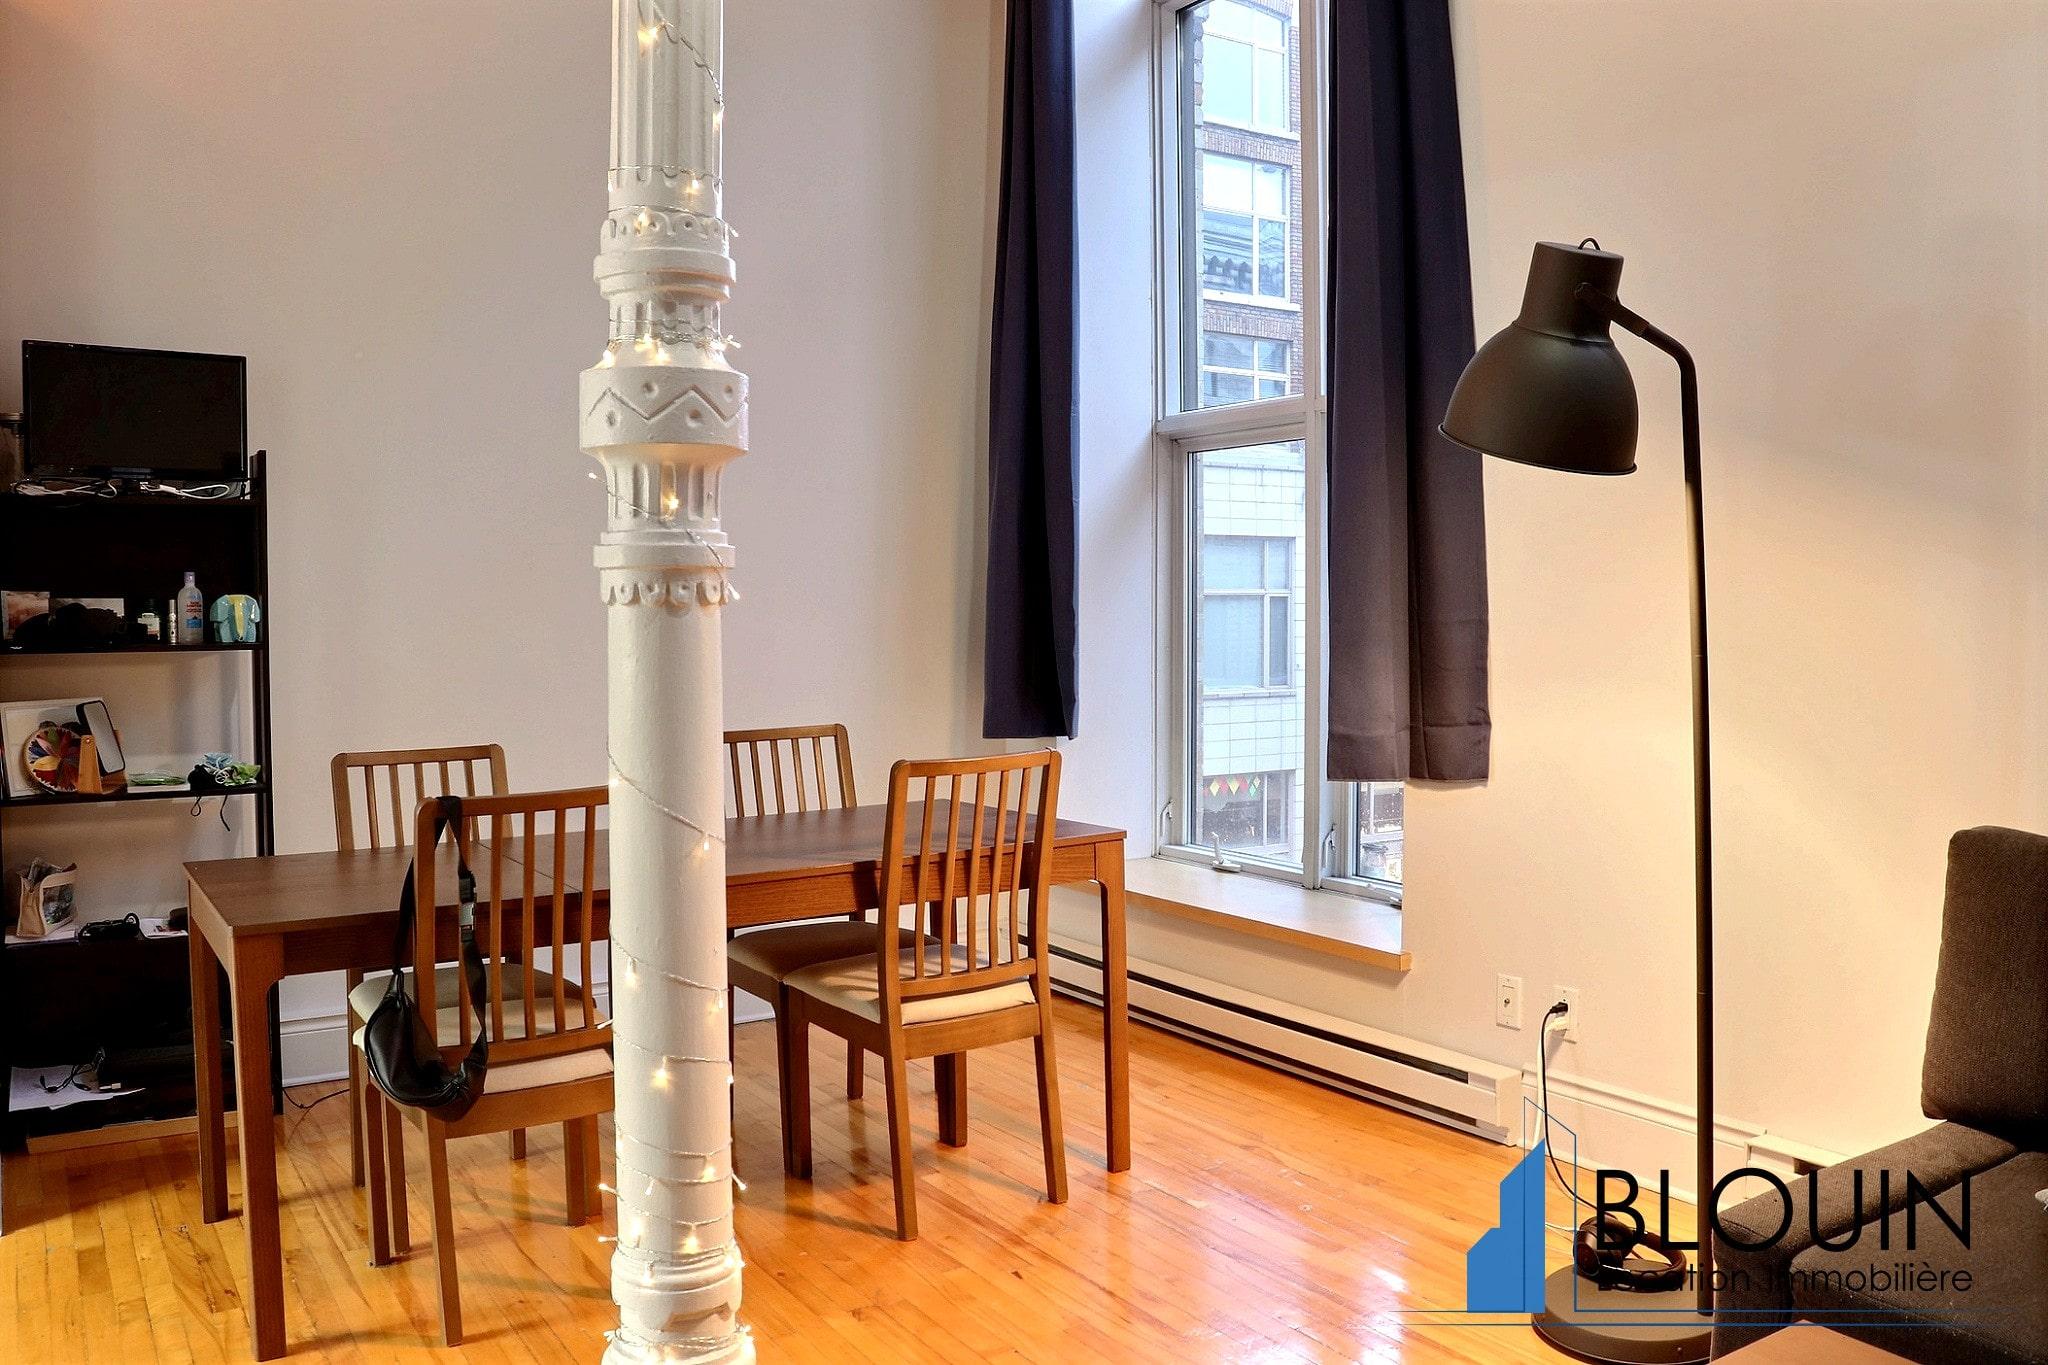 Photo 5 : Magnifique 3 ½ sur 2 étages, à St-Roch, libre pour Novembre, Semi-meublée